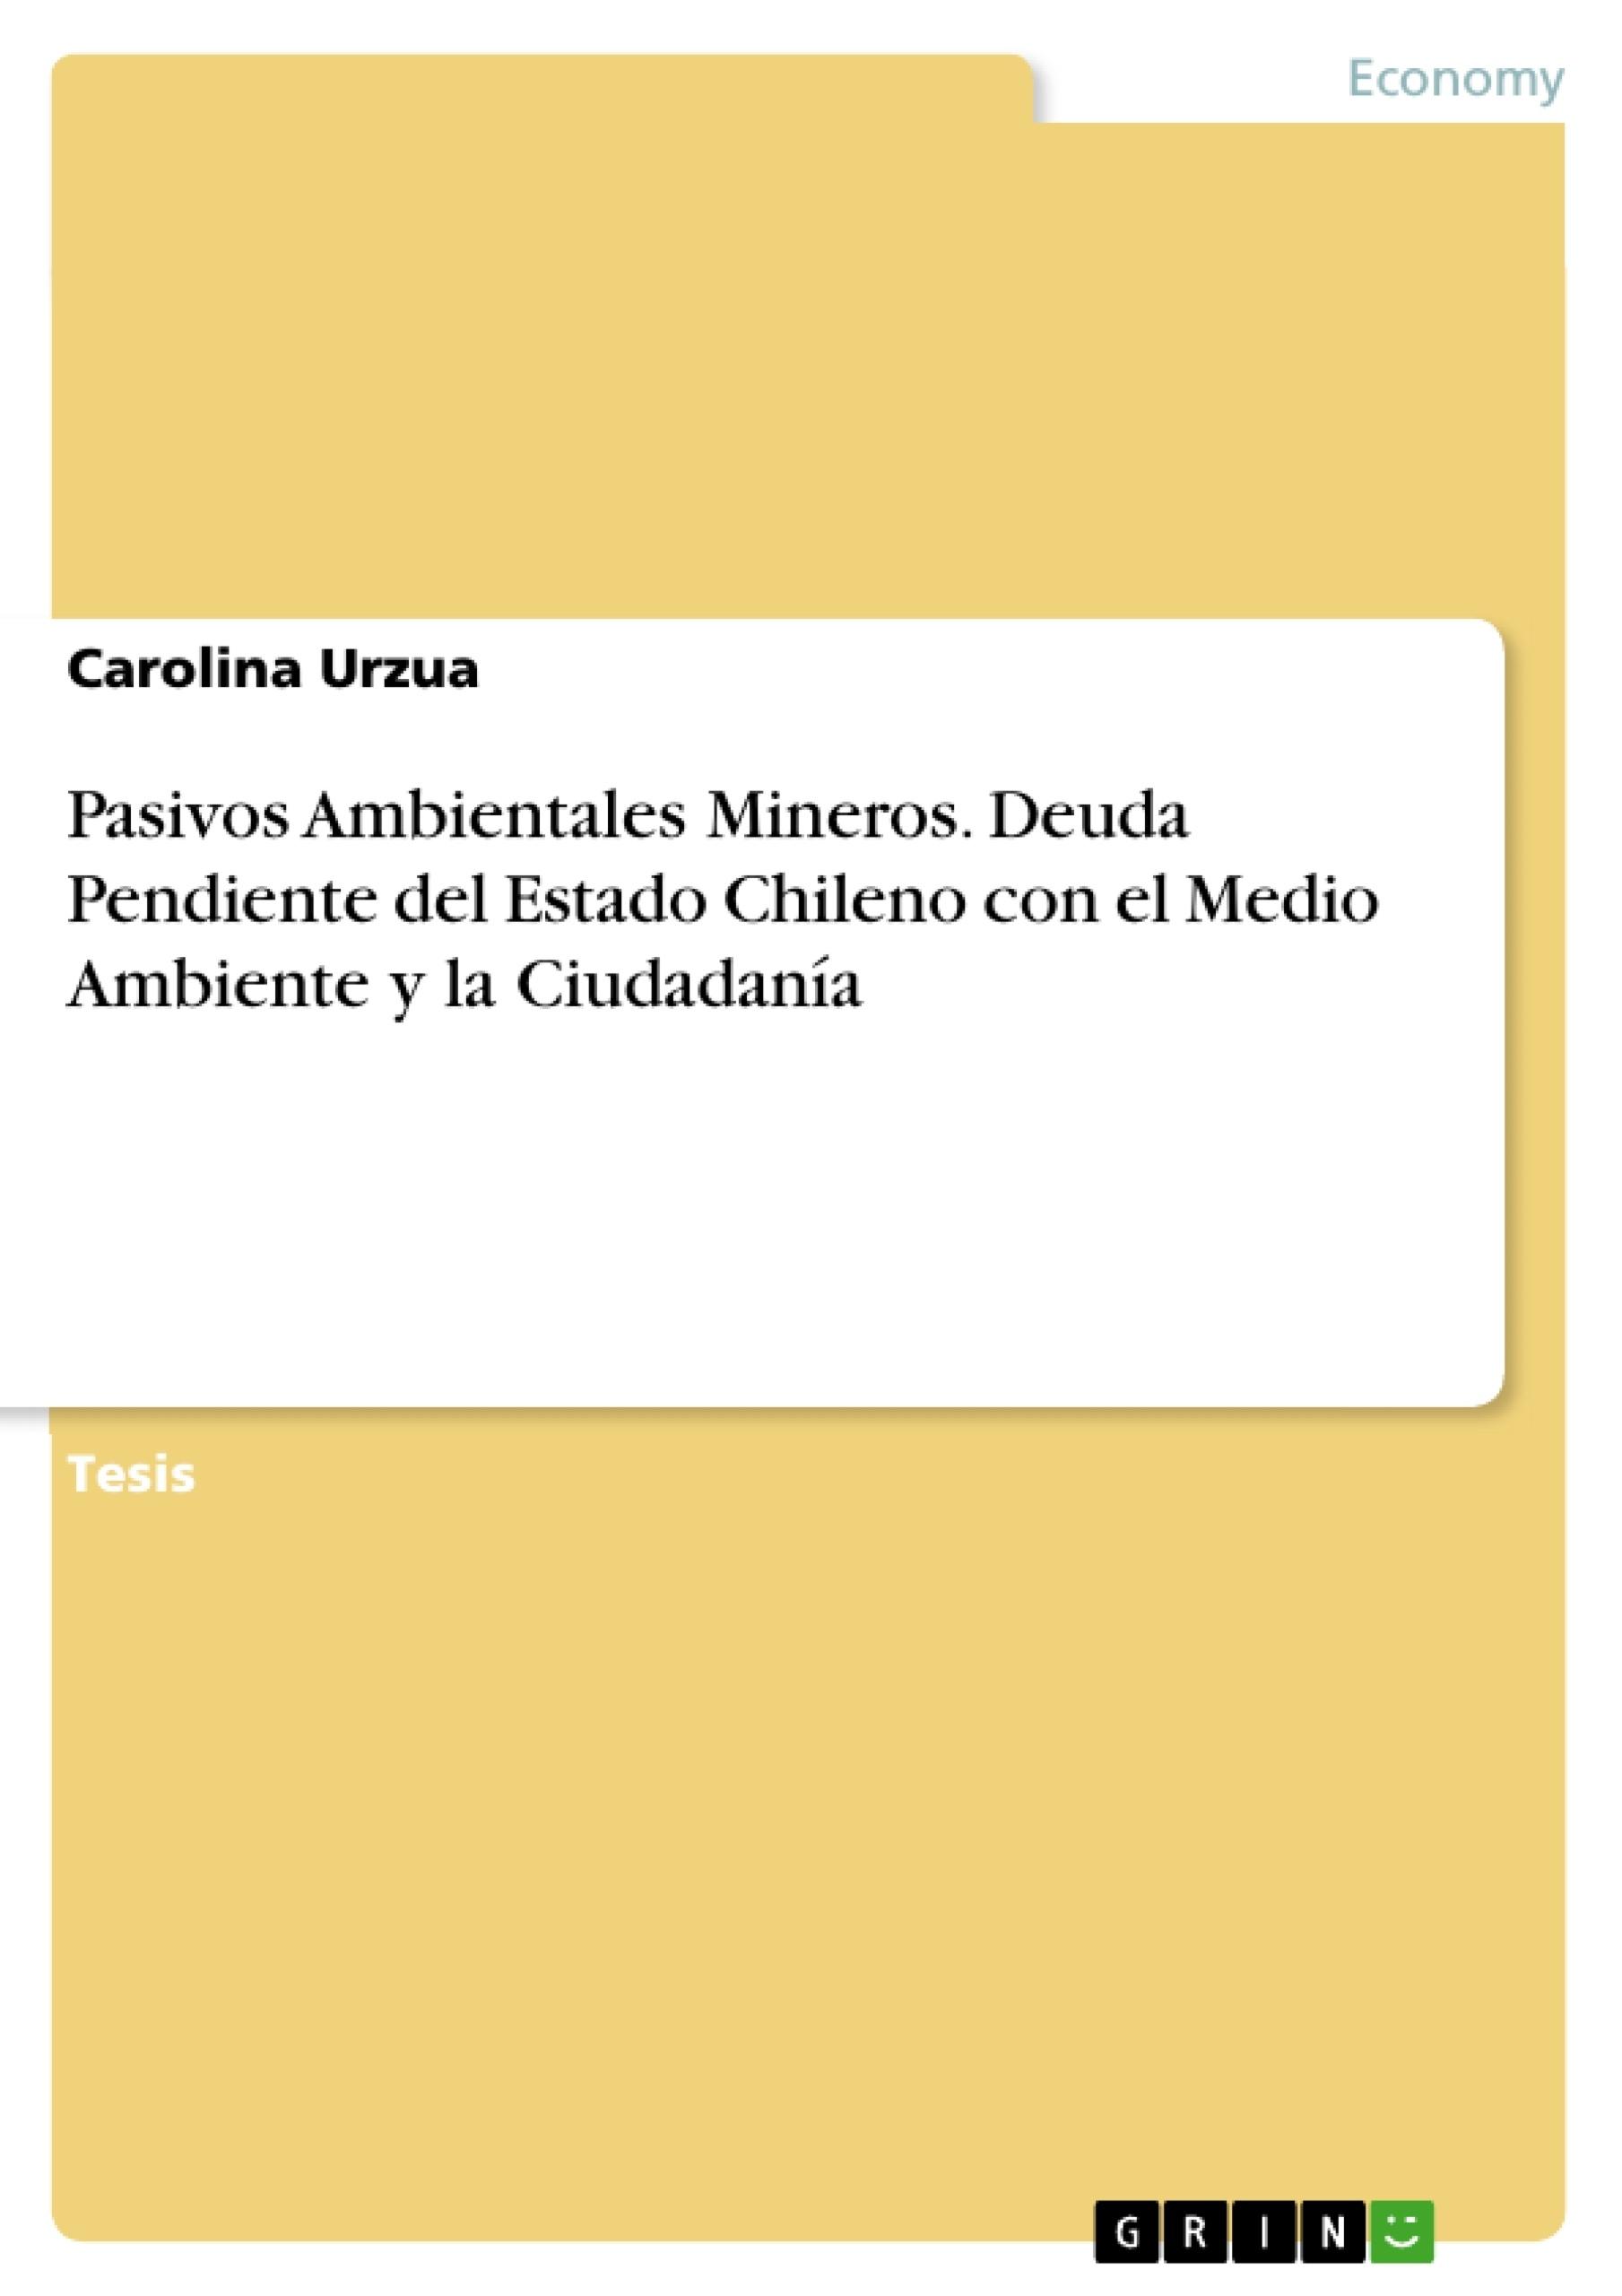 Título: Pasivos Ambientales Mineros. Deuda Pendiente del Estado Chileno con el Medio Ambiente y la Ciudadanía